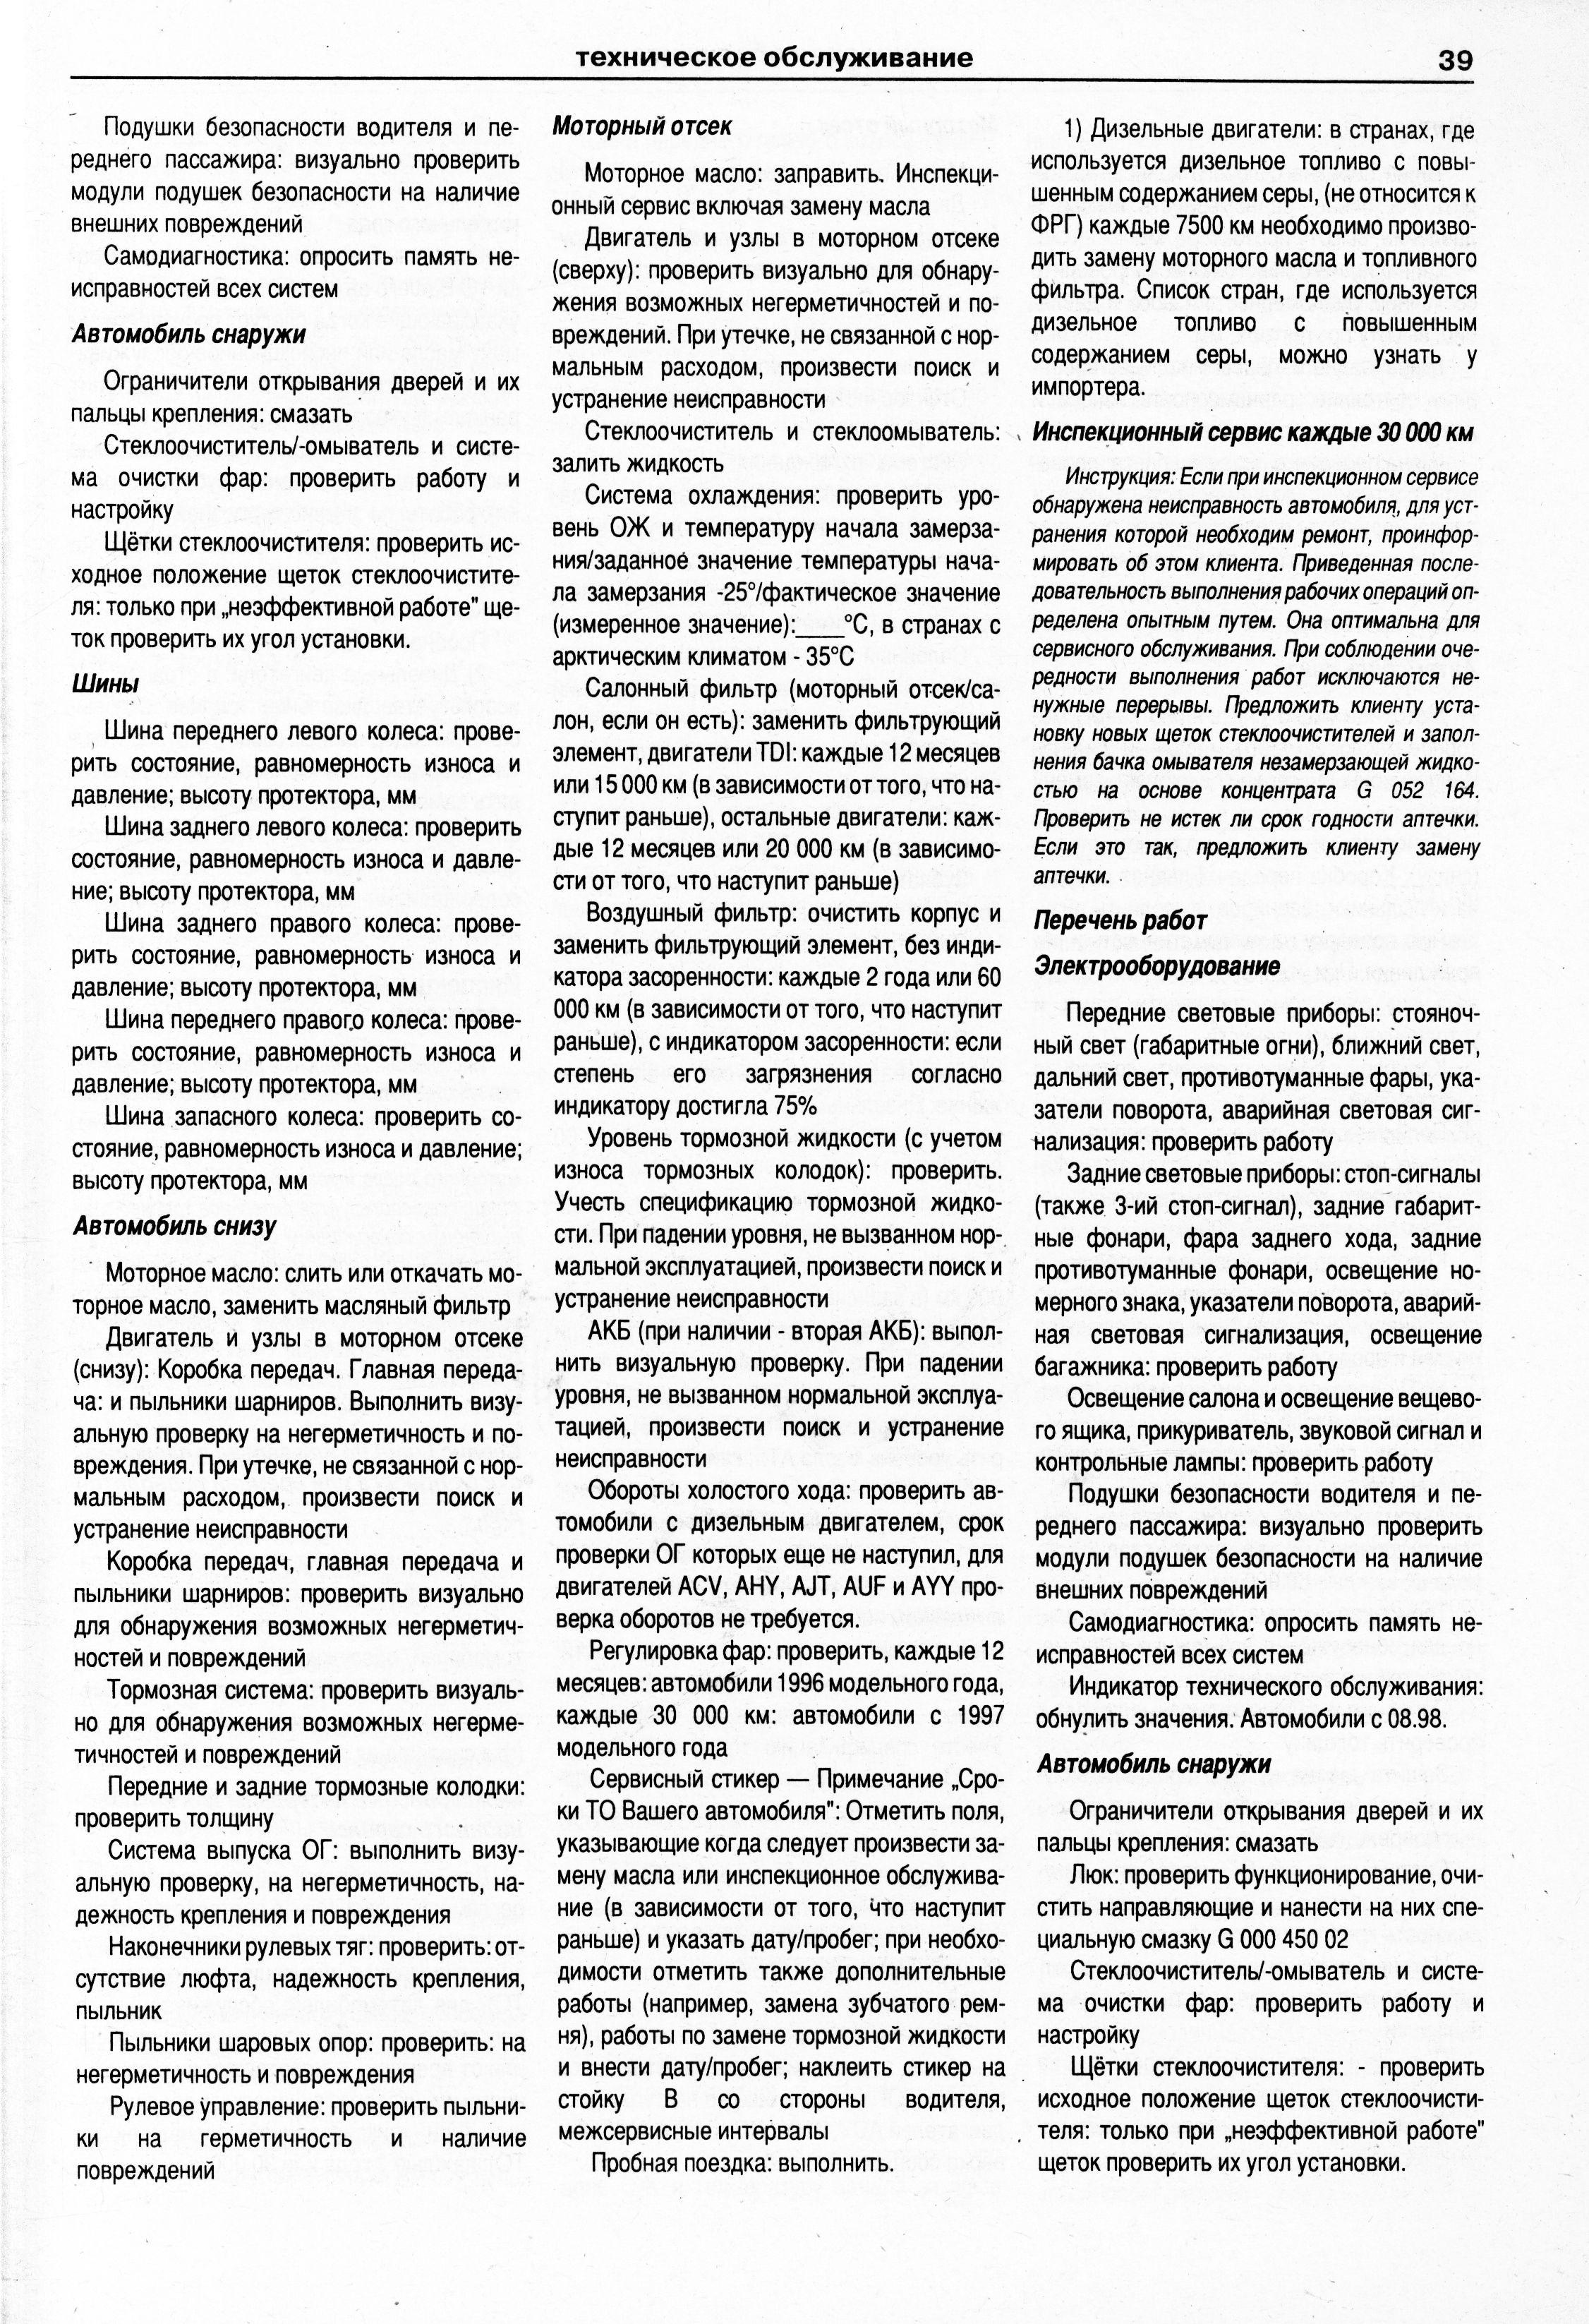 программа для диагностики митсубиси лансер 10 для виндовс